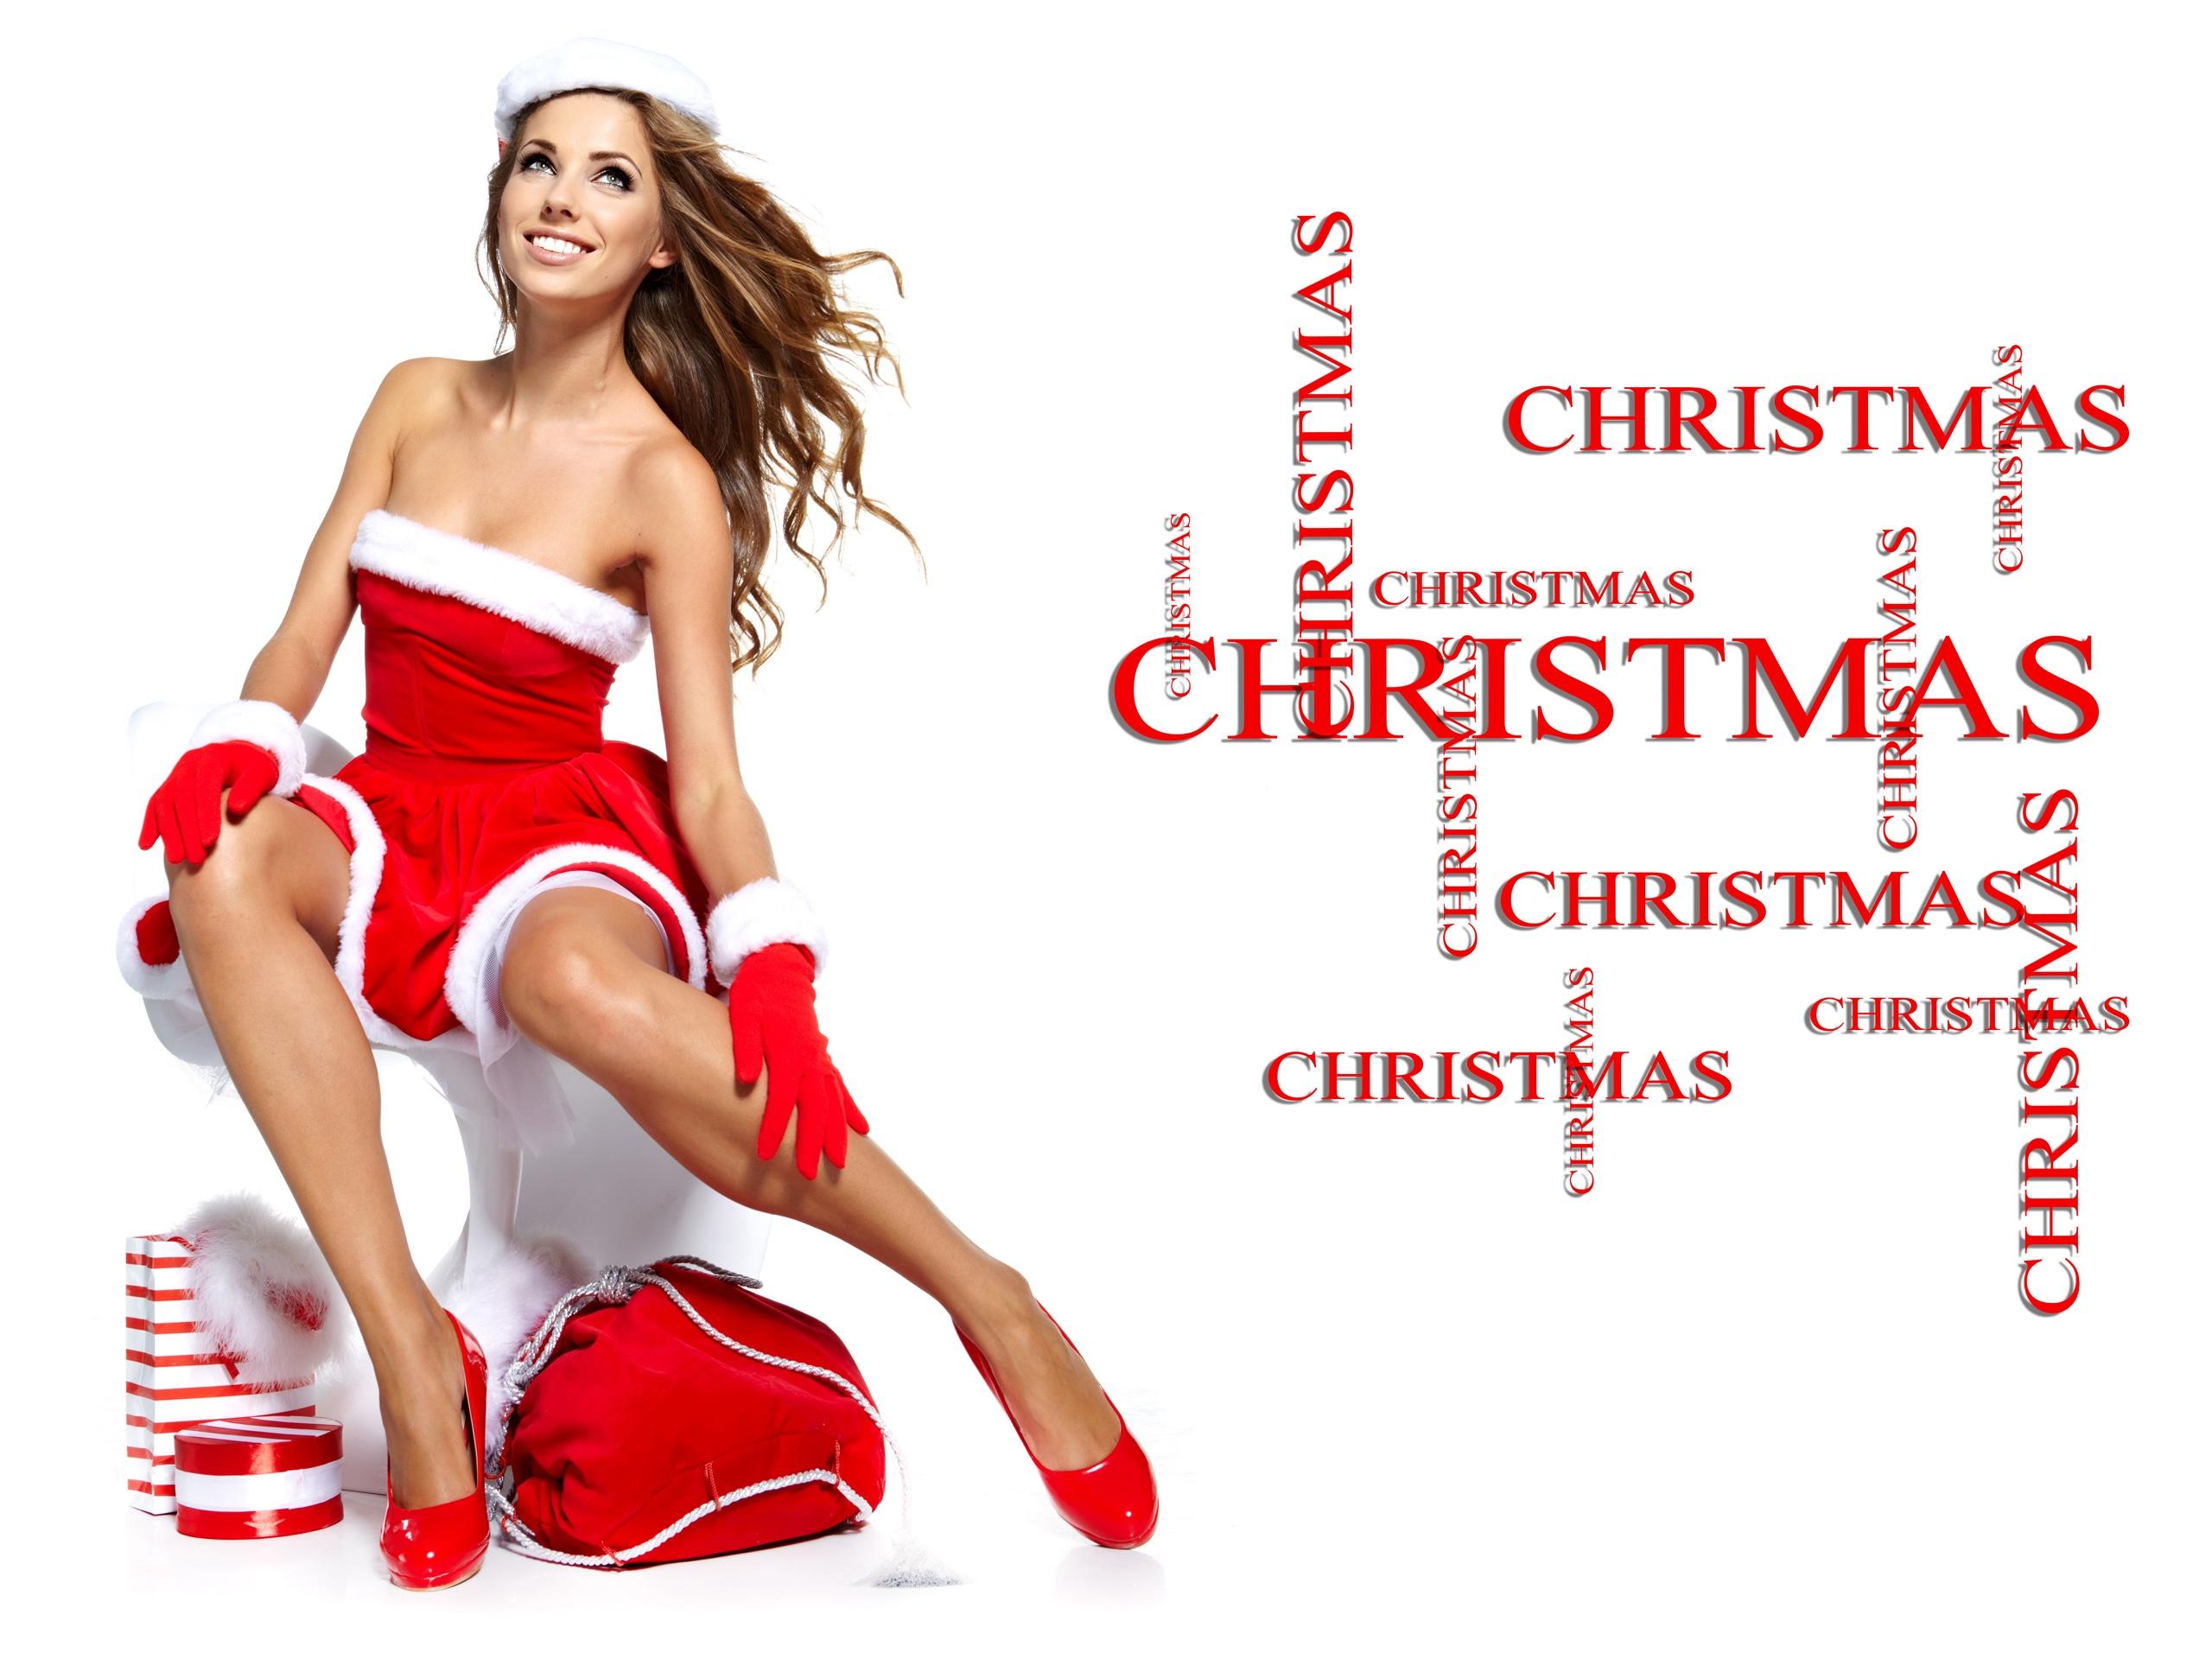 Christmas dress for girl - 2560x1920